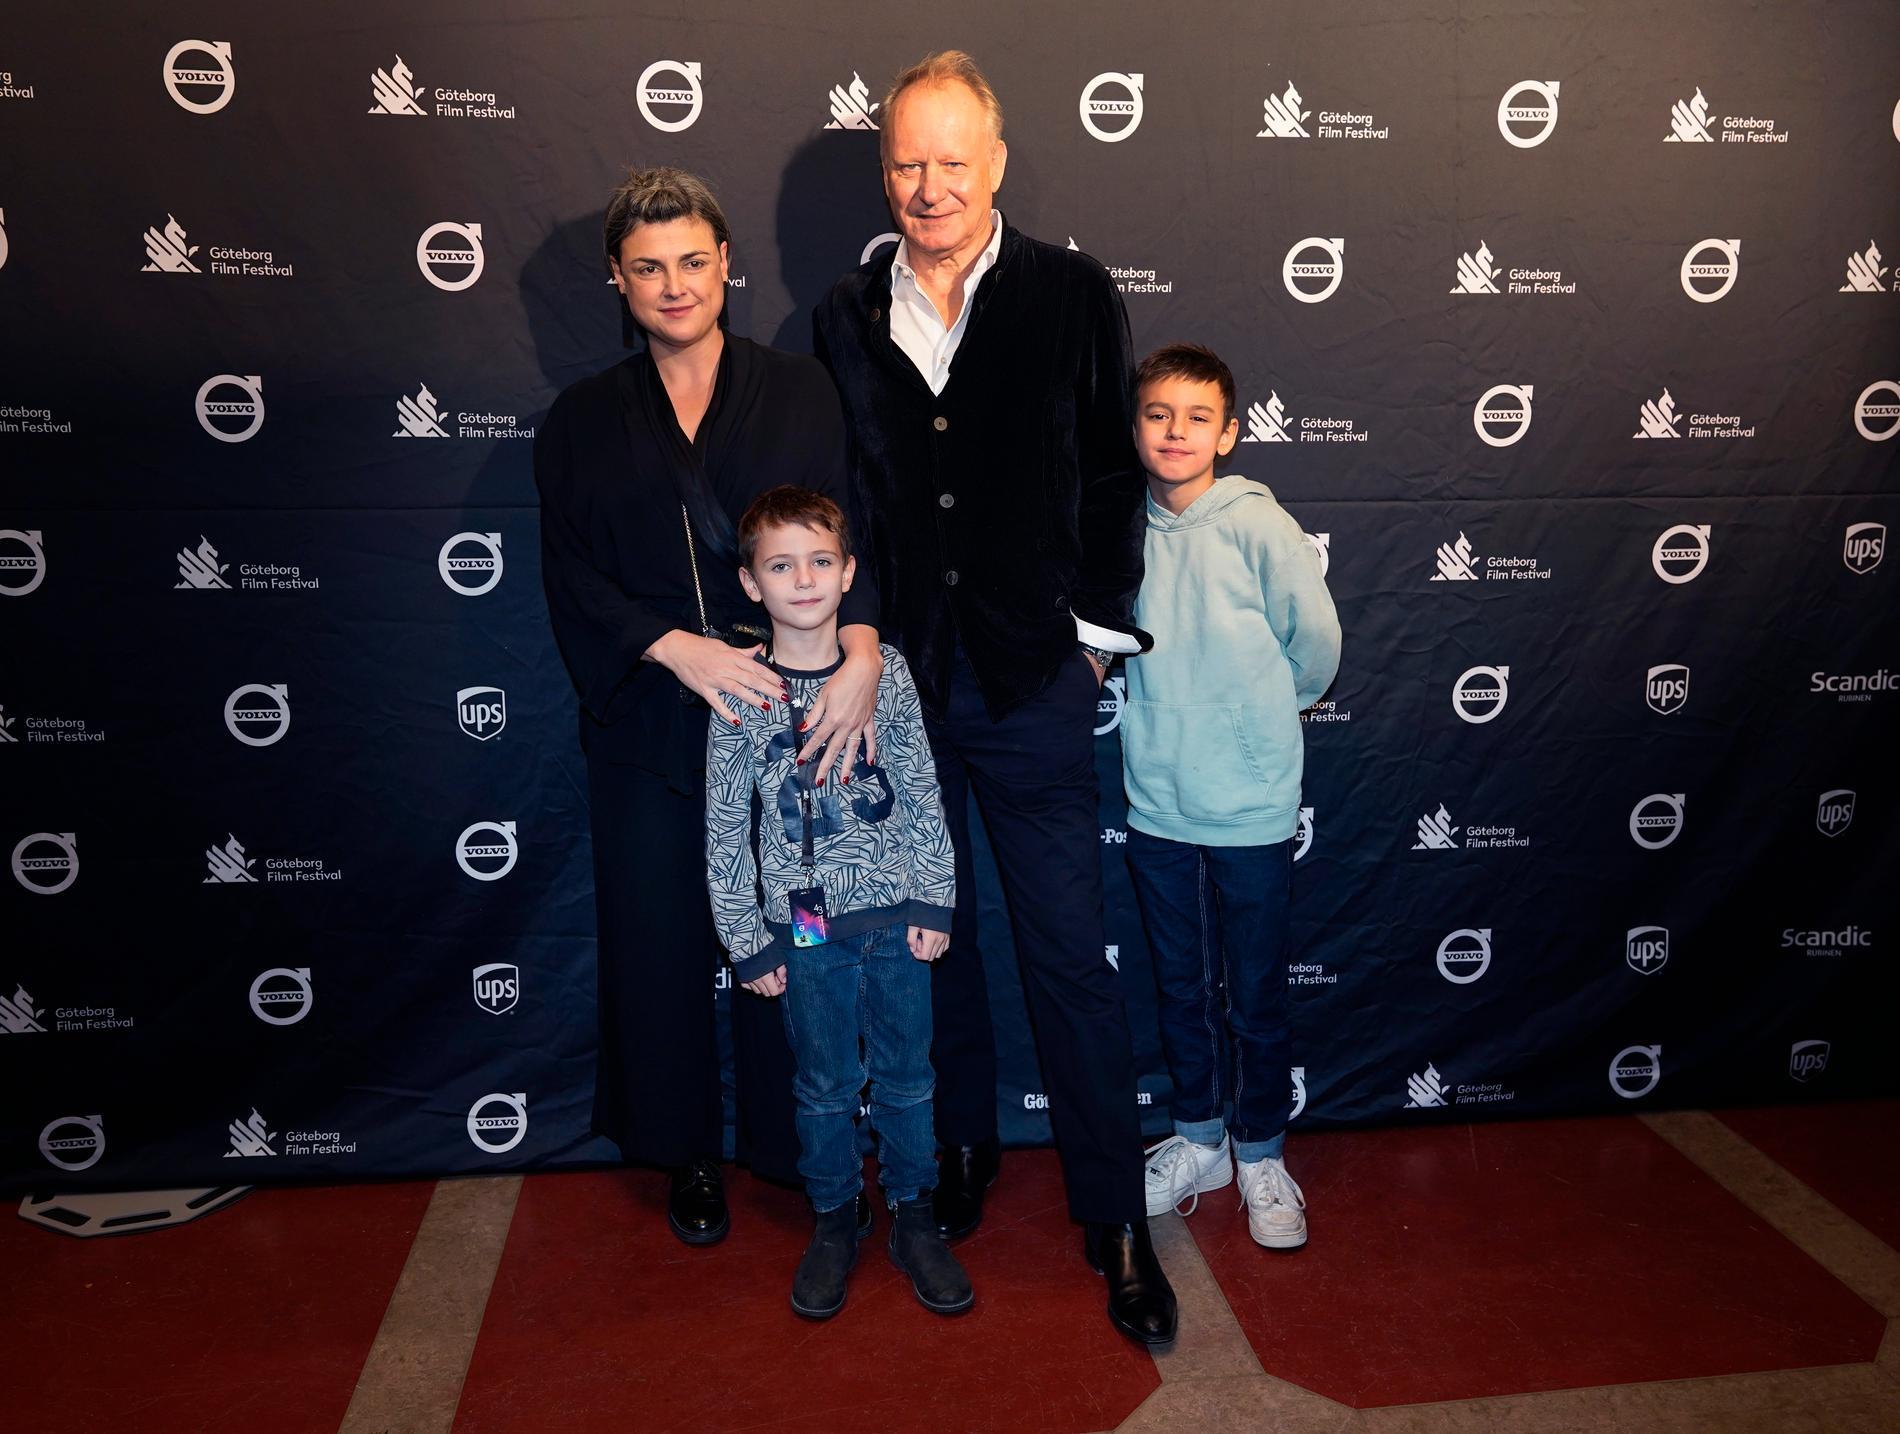 Stellan Skarsgård tillsammans med hustrun Megan Everett och söner Ossian och Kolbjörn under Göteborg Filmfestival i januari i år.